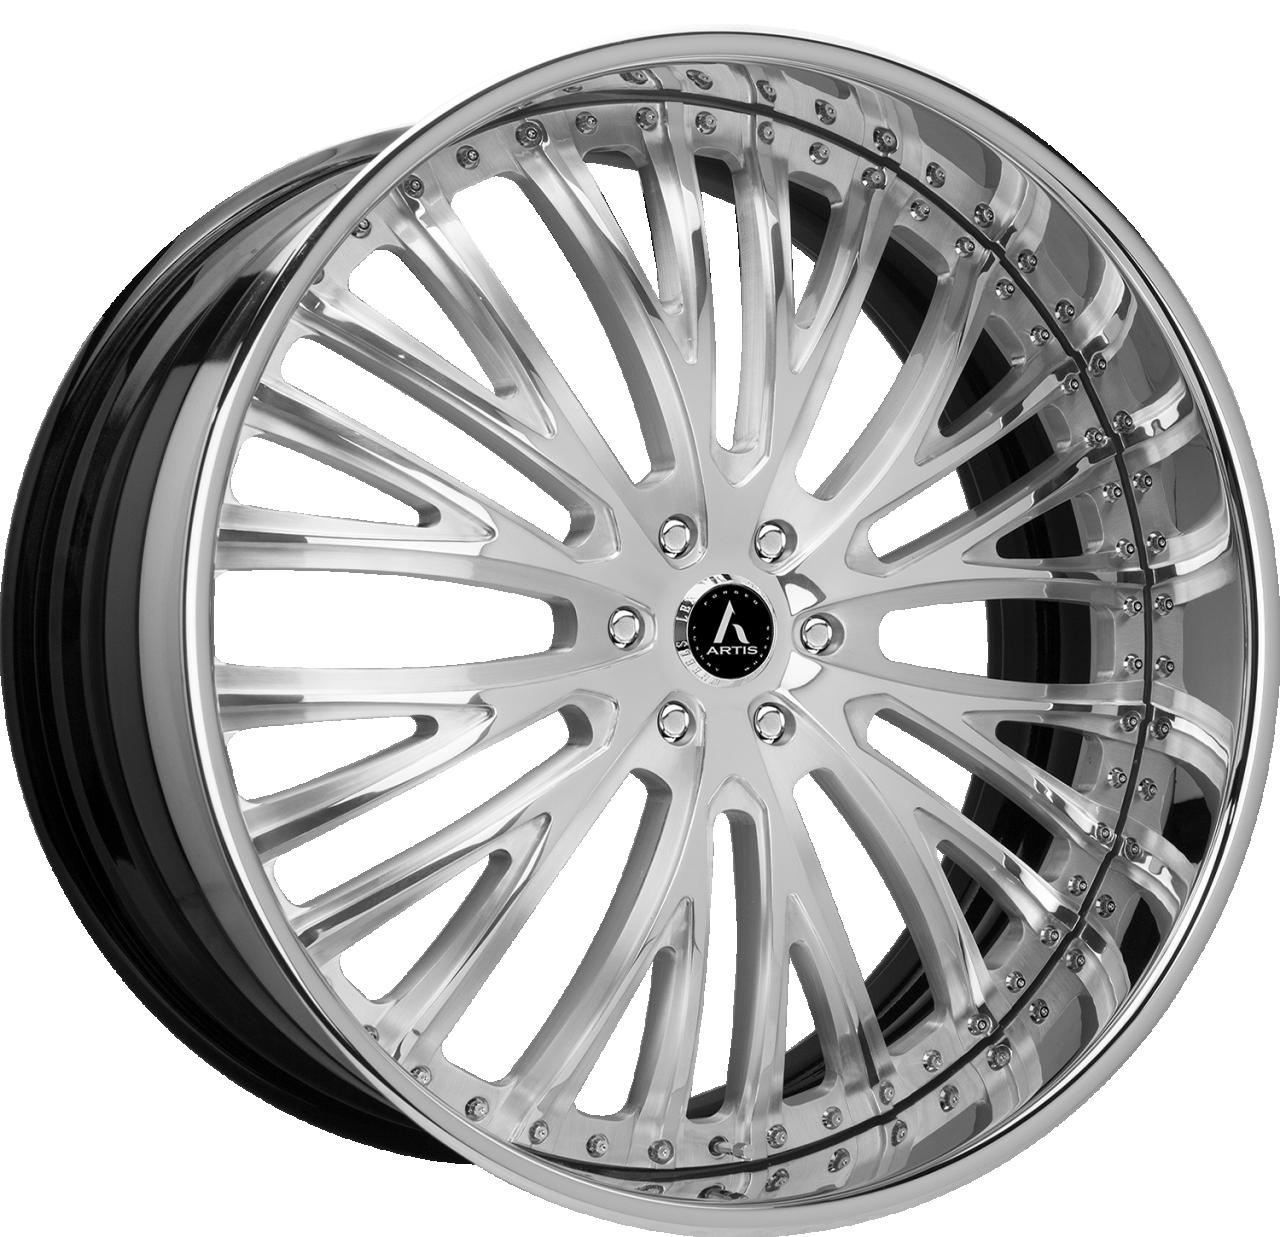 Artis Forged Woodward wheel with Brushed finish